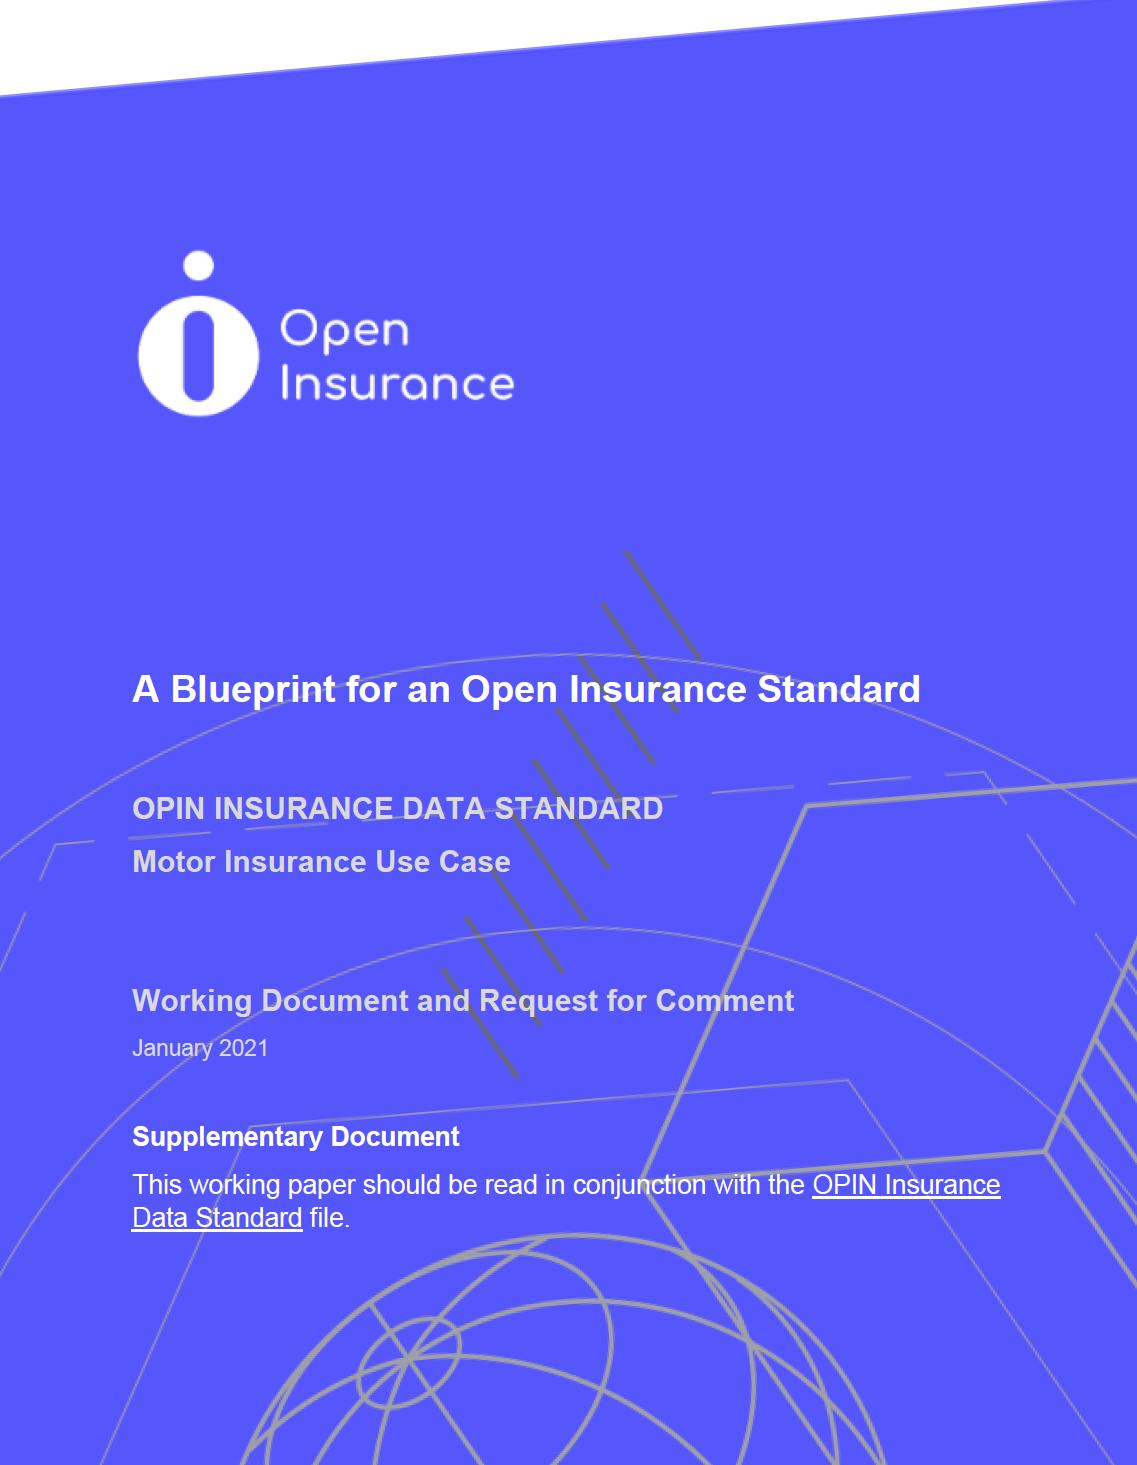 Open Insurance blueprint